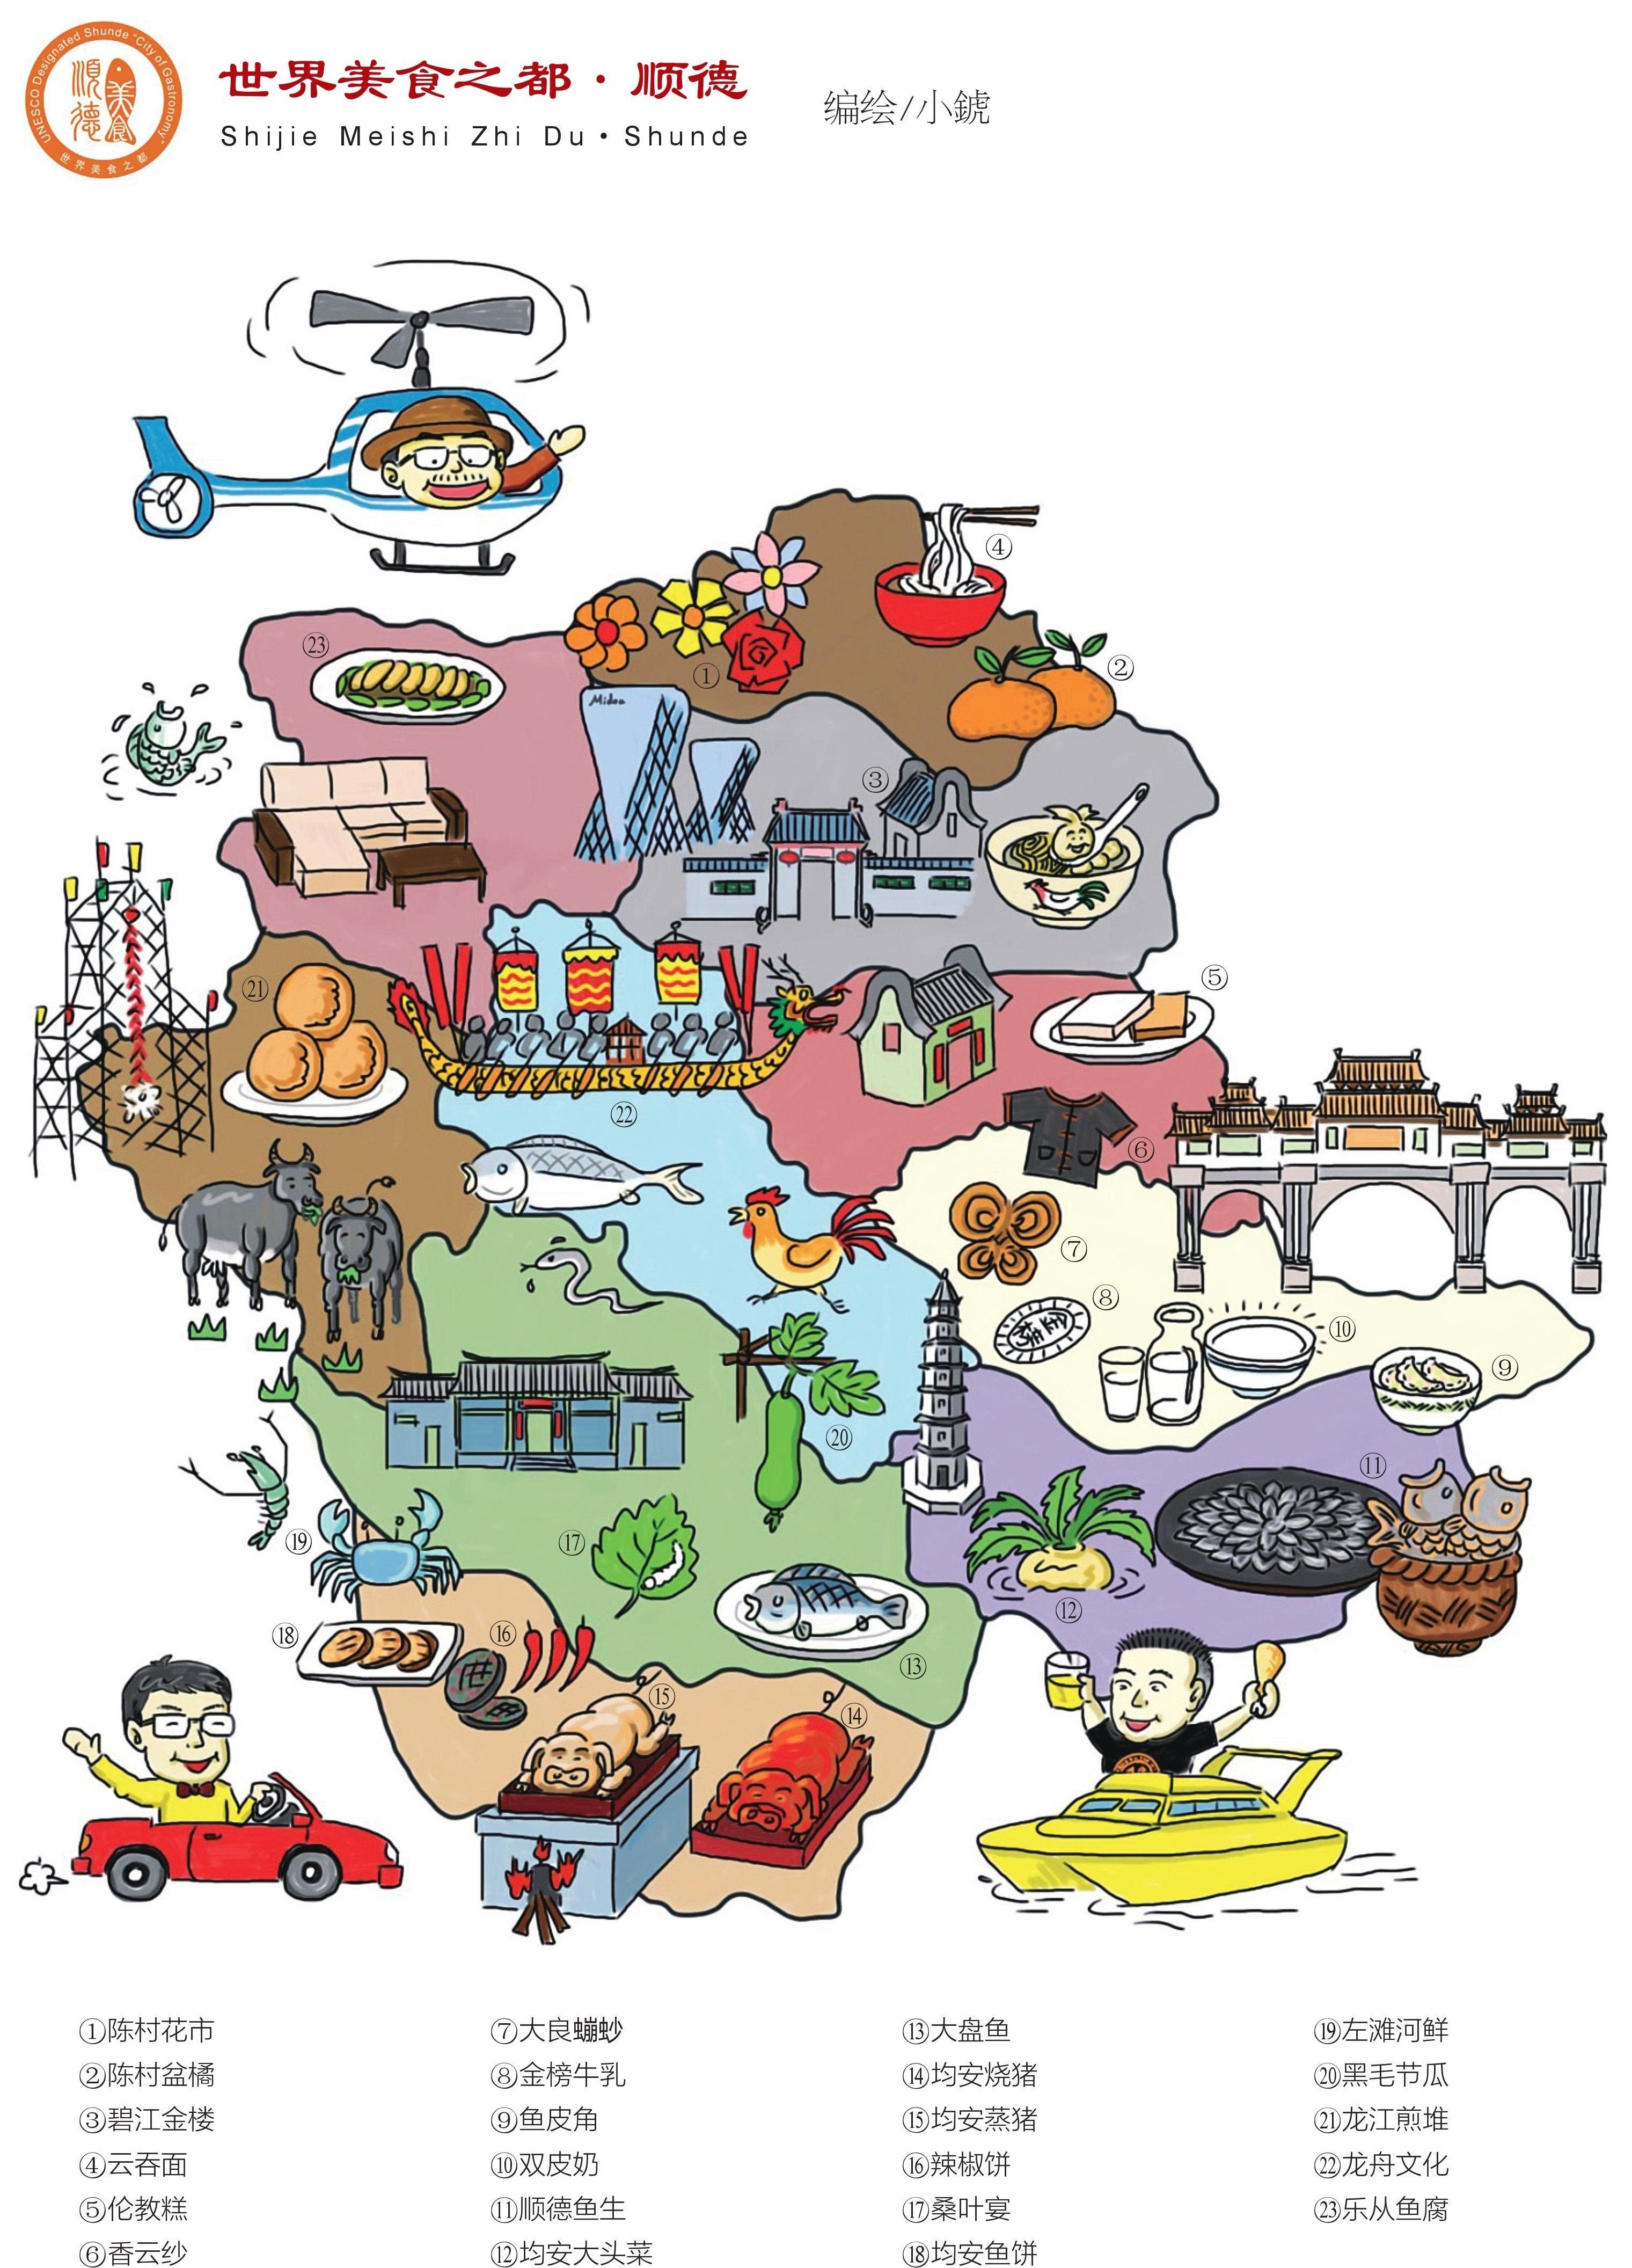 《顺德美食地图》,还有《寻味餐厅指引》,顺德美景,美食游线路推荐.